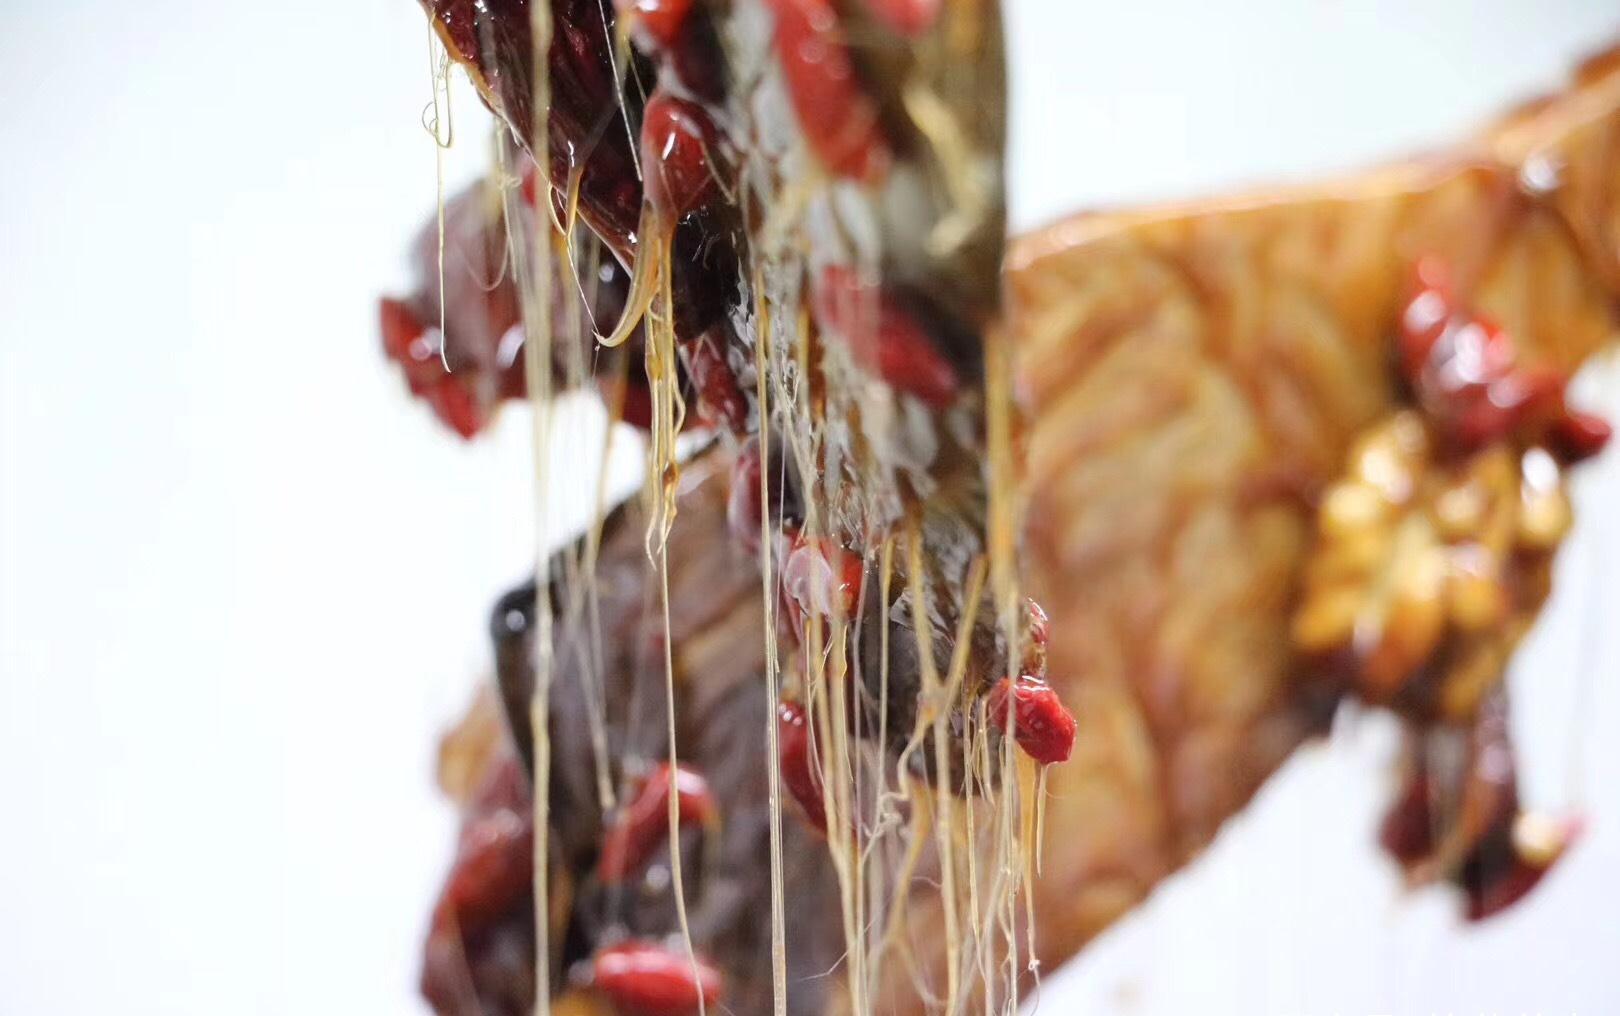 阿胶炖鸡肉对人体有哪些好处?阿胶炖鸡肉对人 – 手机爱问